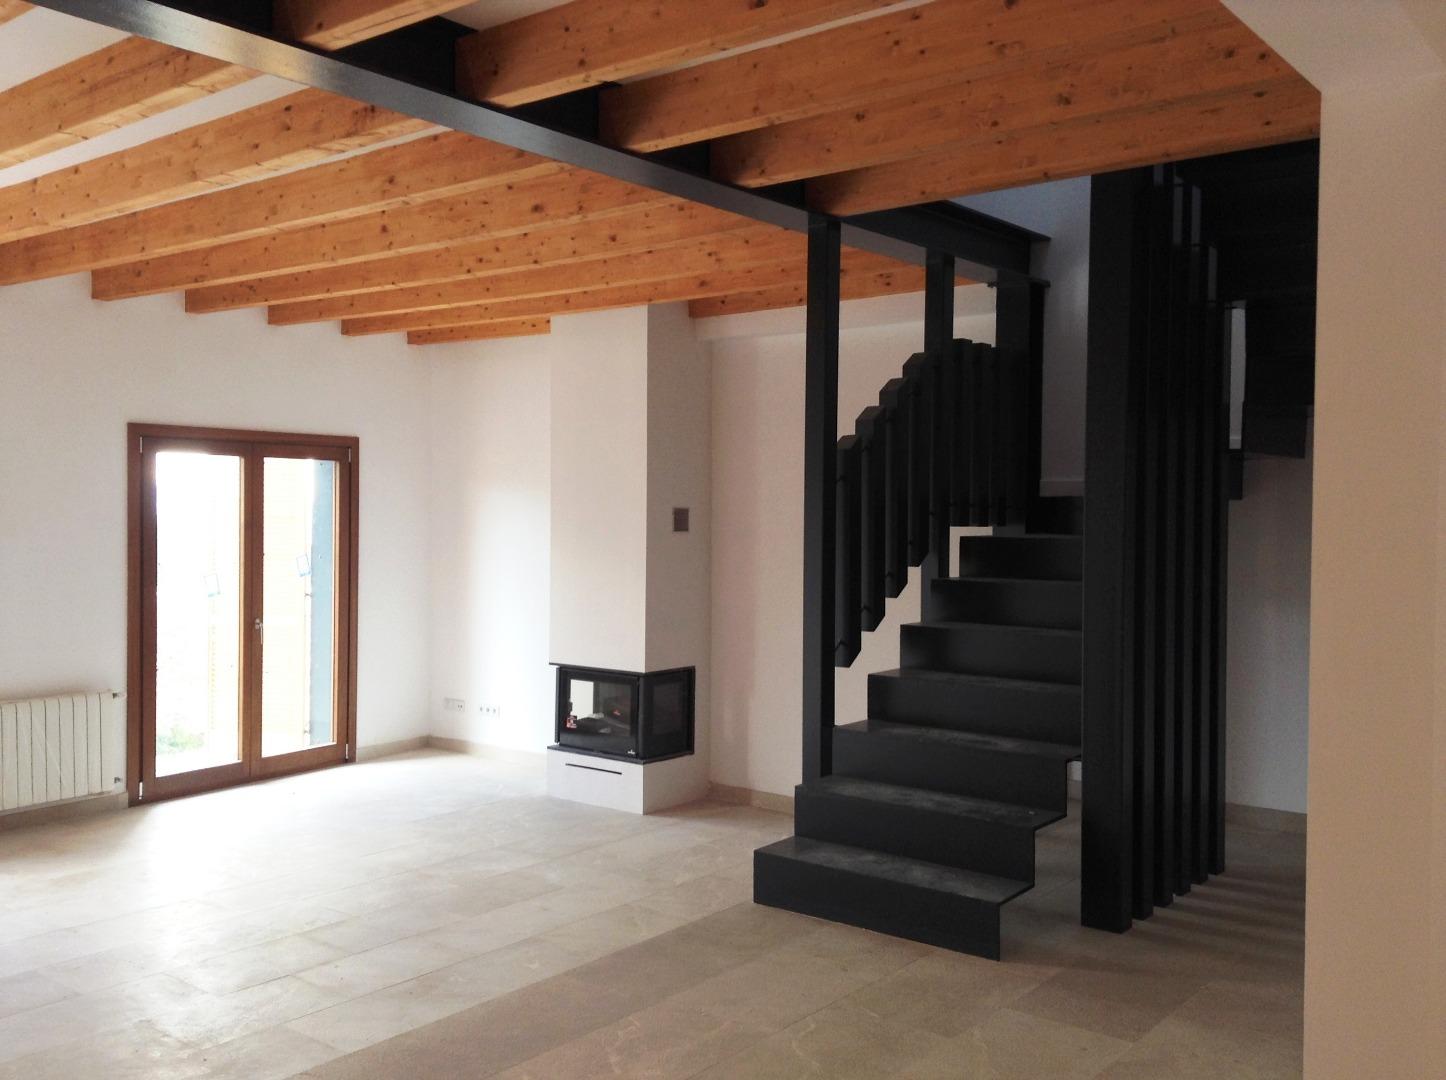 Affitto Casa  Calle aim property, 77. Dos nuevas construcciones construidas y terminadas en 2018 por u